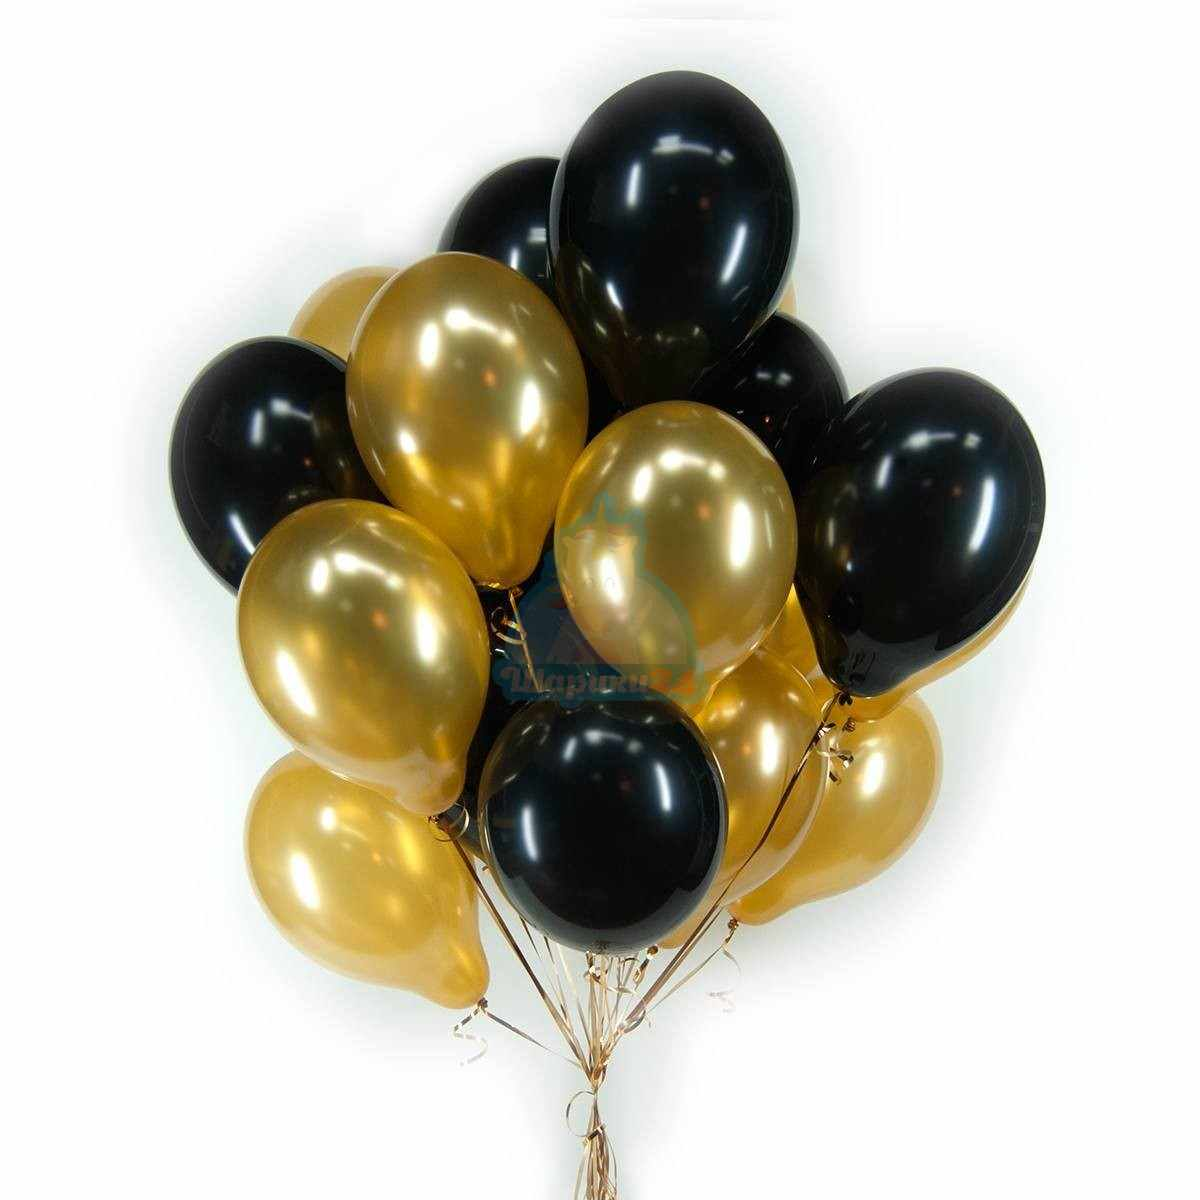 Черные и золотые шарики фото в интернет-магазине Шарики 24